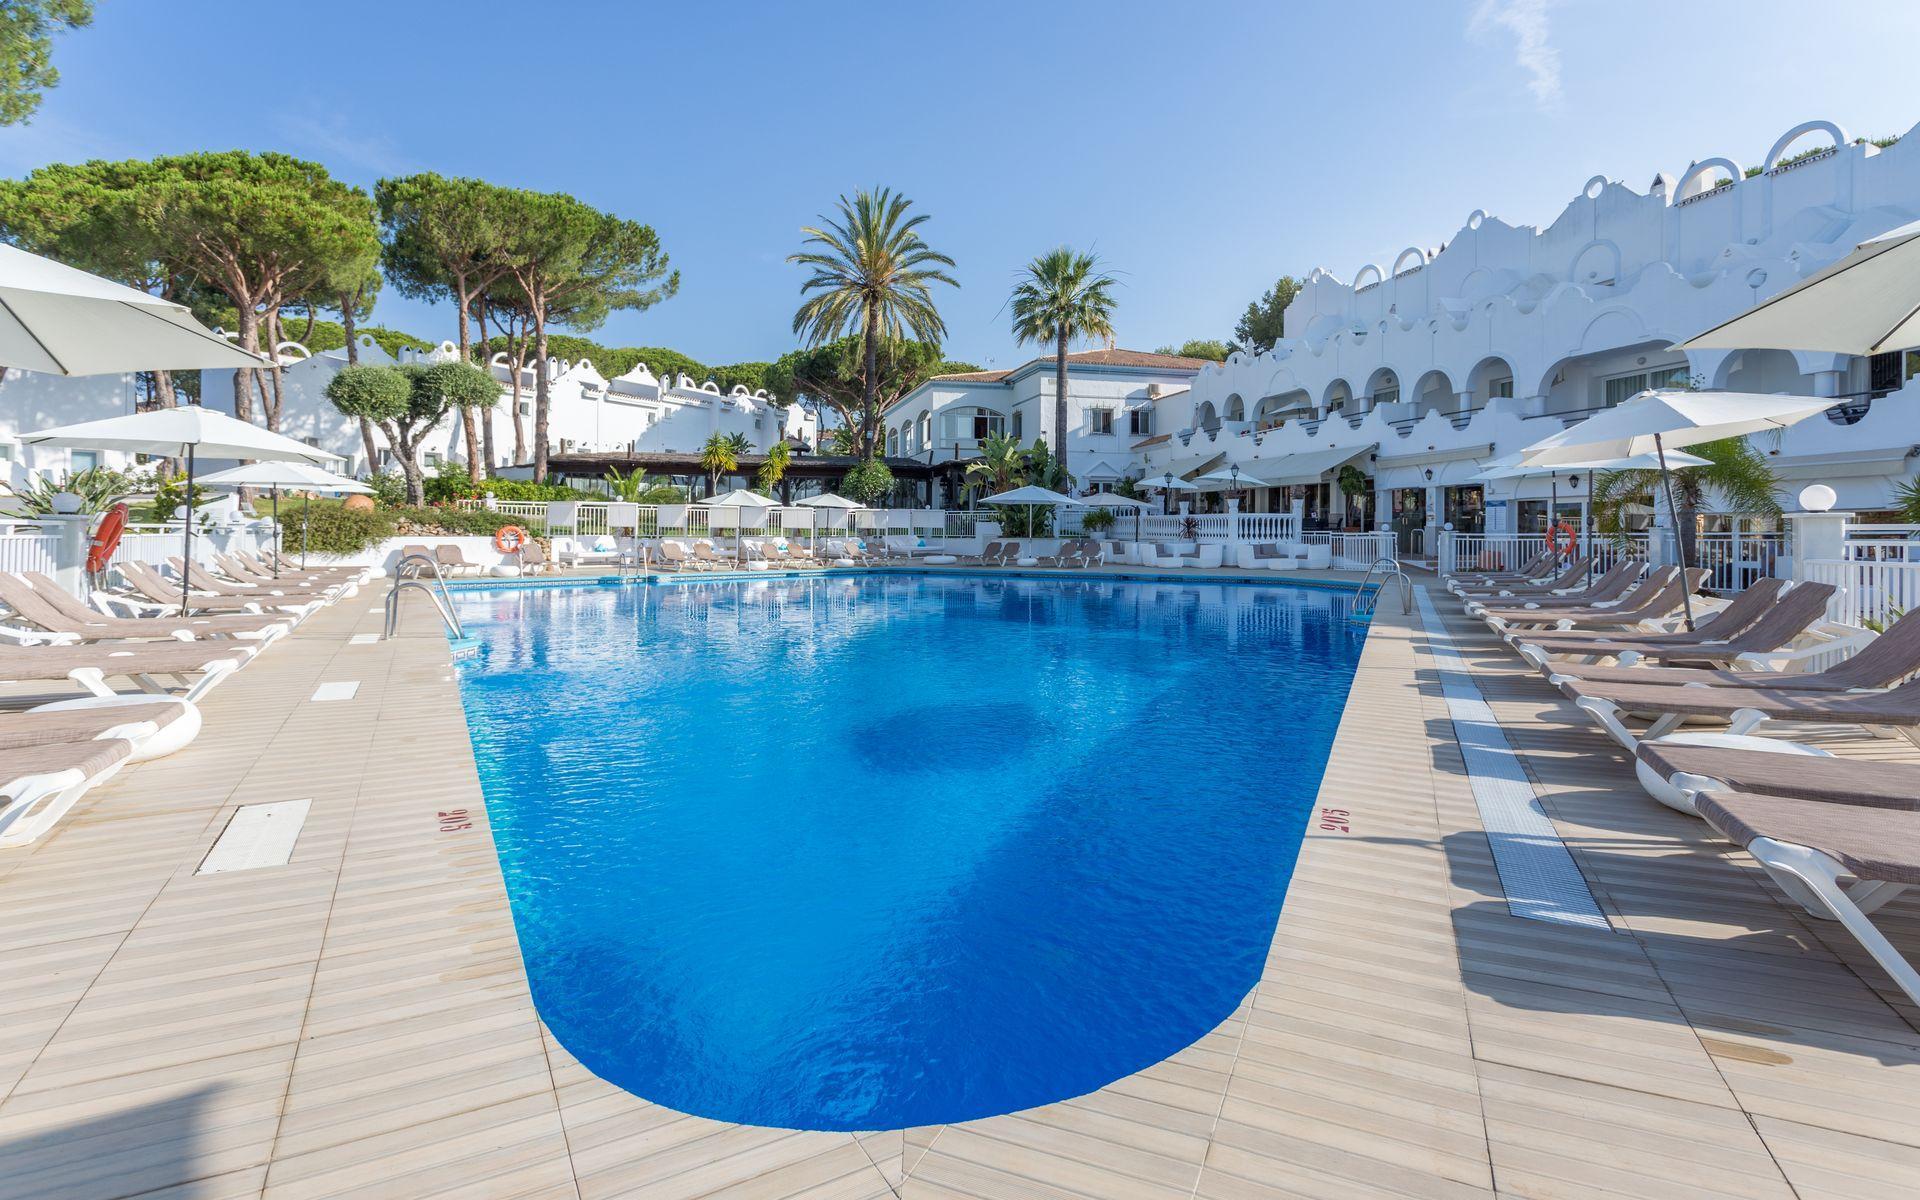 VIME La Reserva de Marbella en Marbella Costa del Sol desde